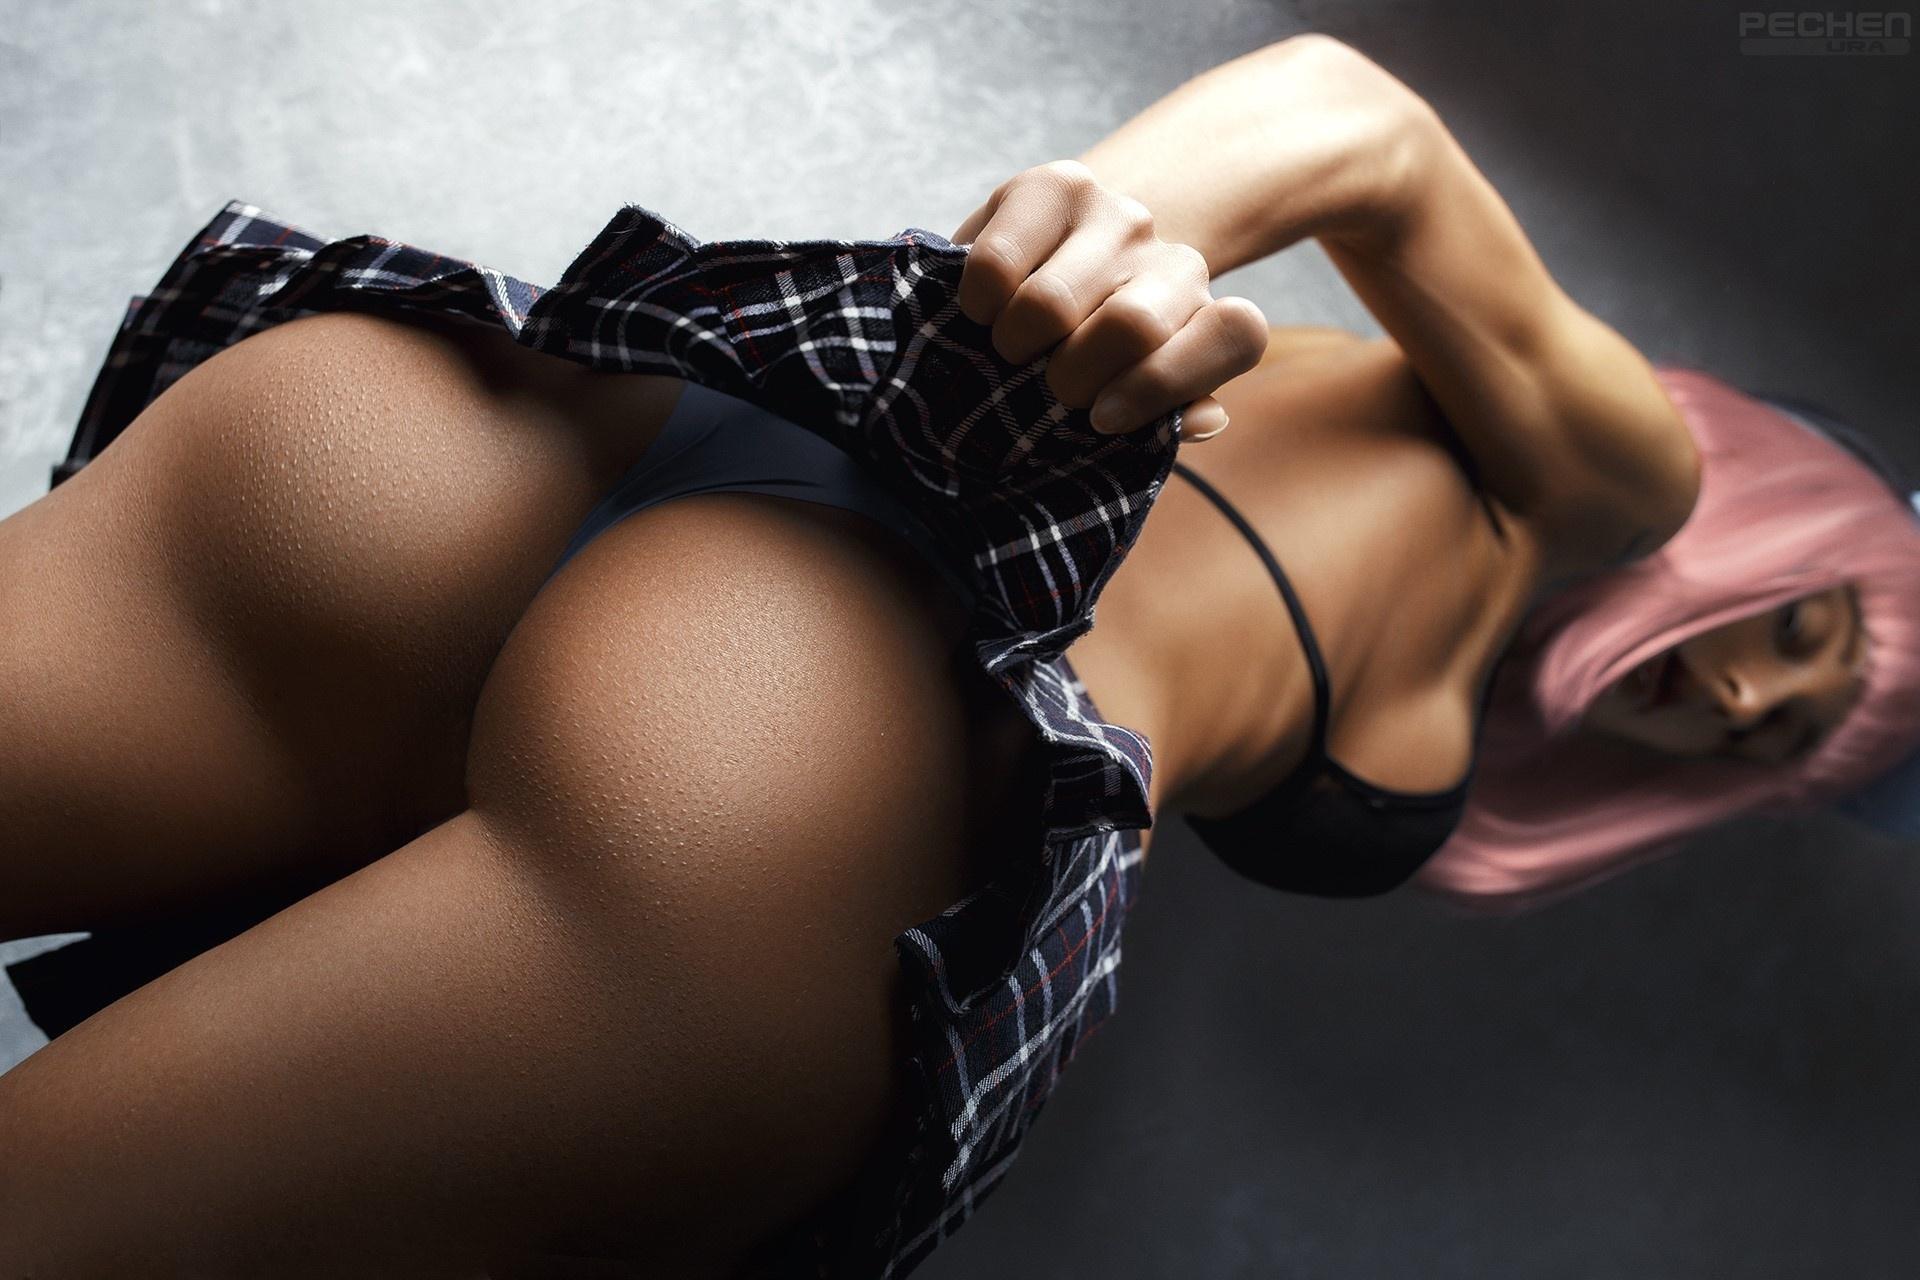 Ruond creamy ass erotic blonde nude